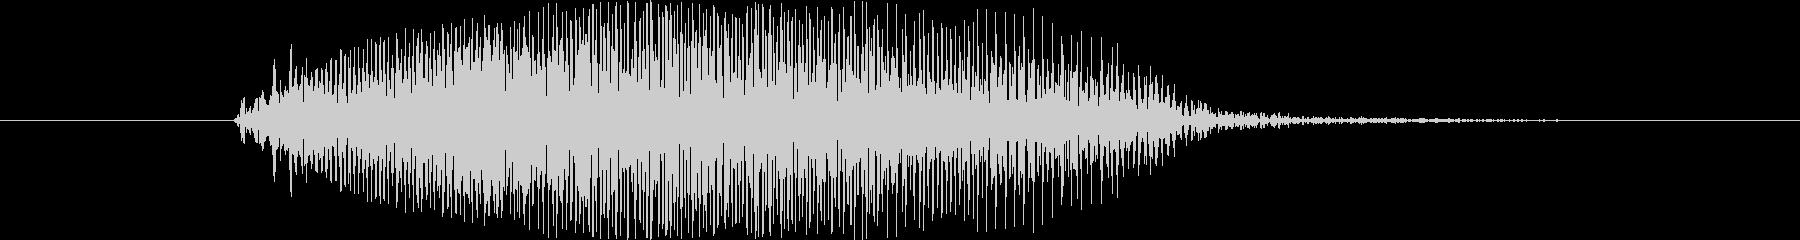 鳴き声 男性の恐ろしい悲鳴高04の未再生の波形